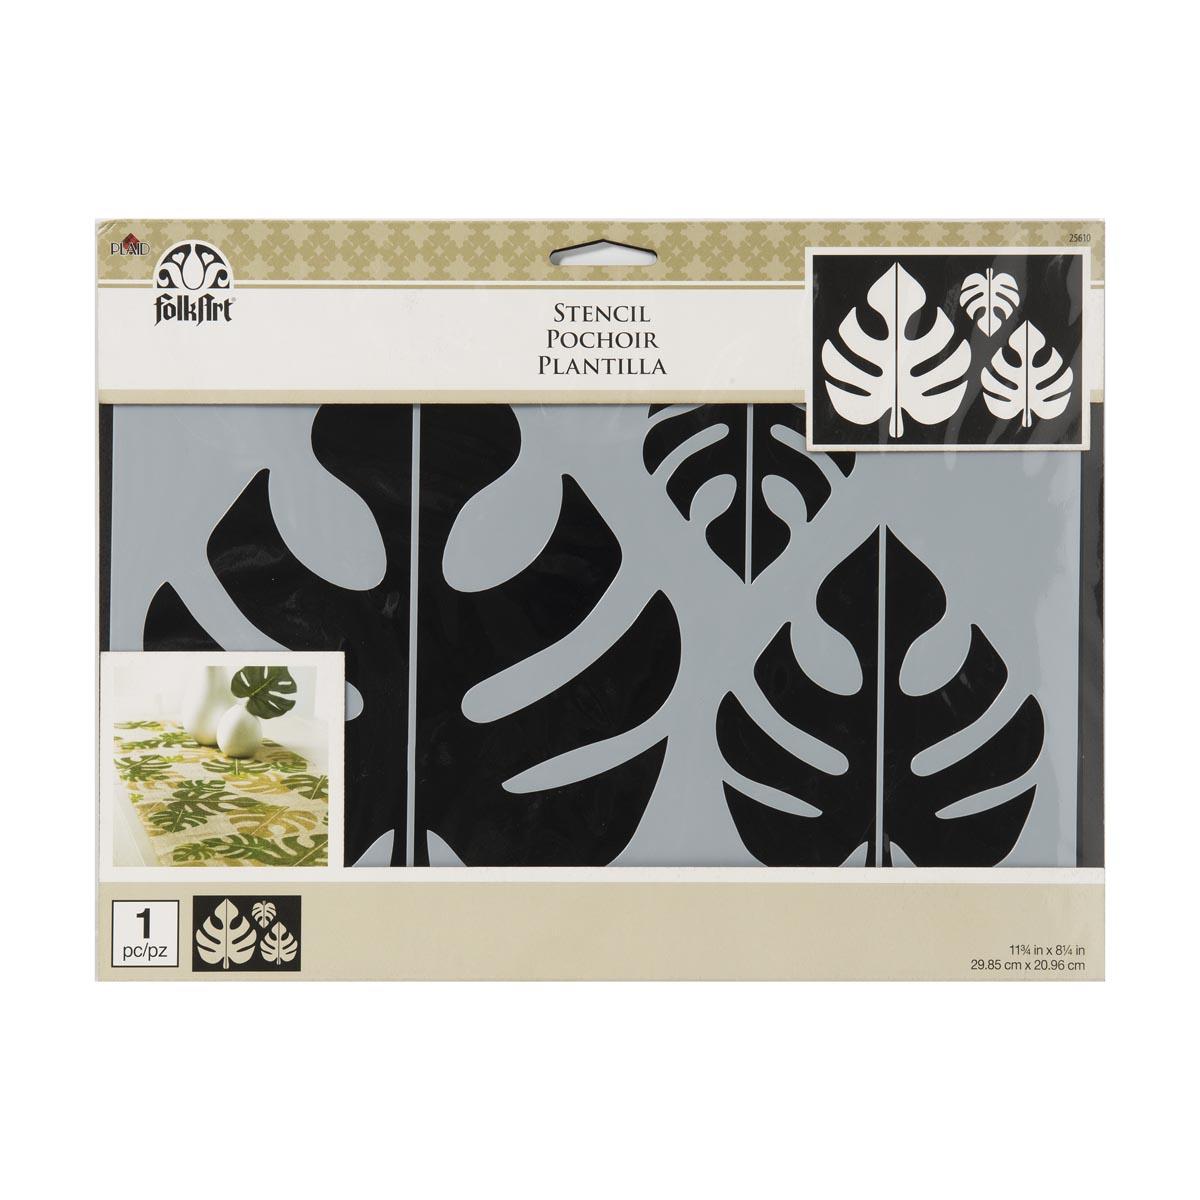 FolkArt ® Painting Stencils - Tropical Leaf Motif